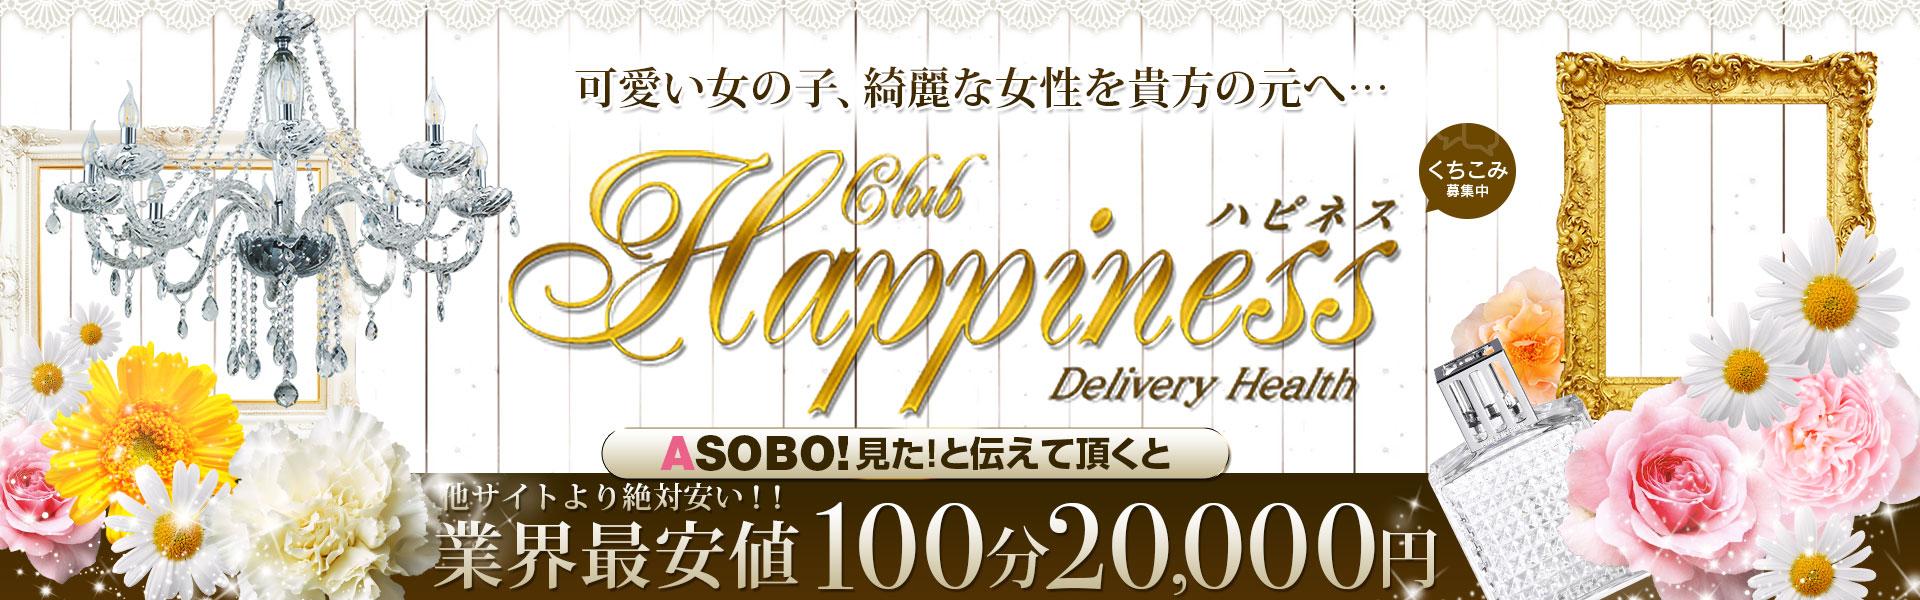 Club Happiness米沢店 -クラブハピネス-